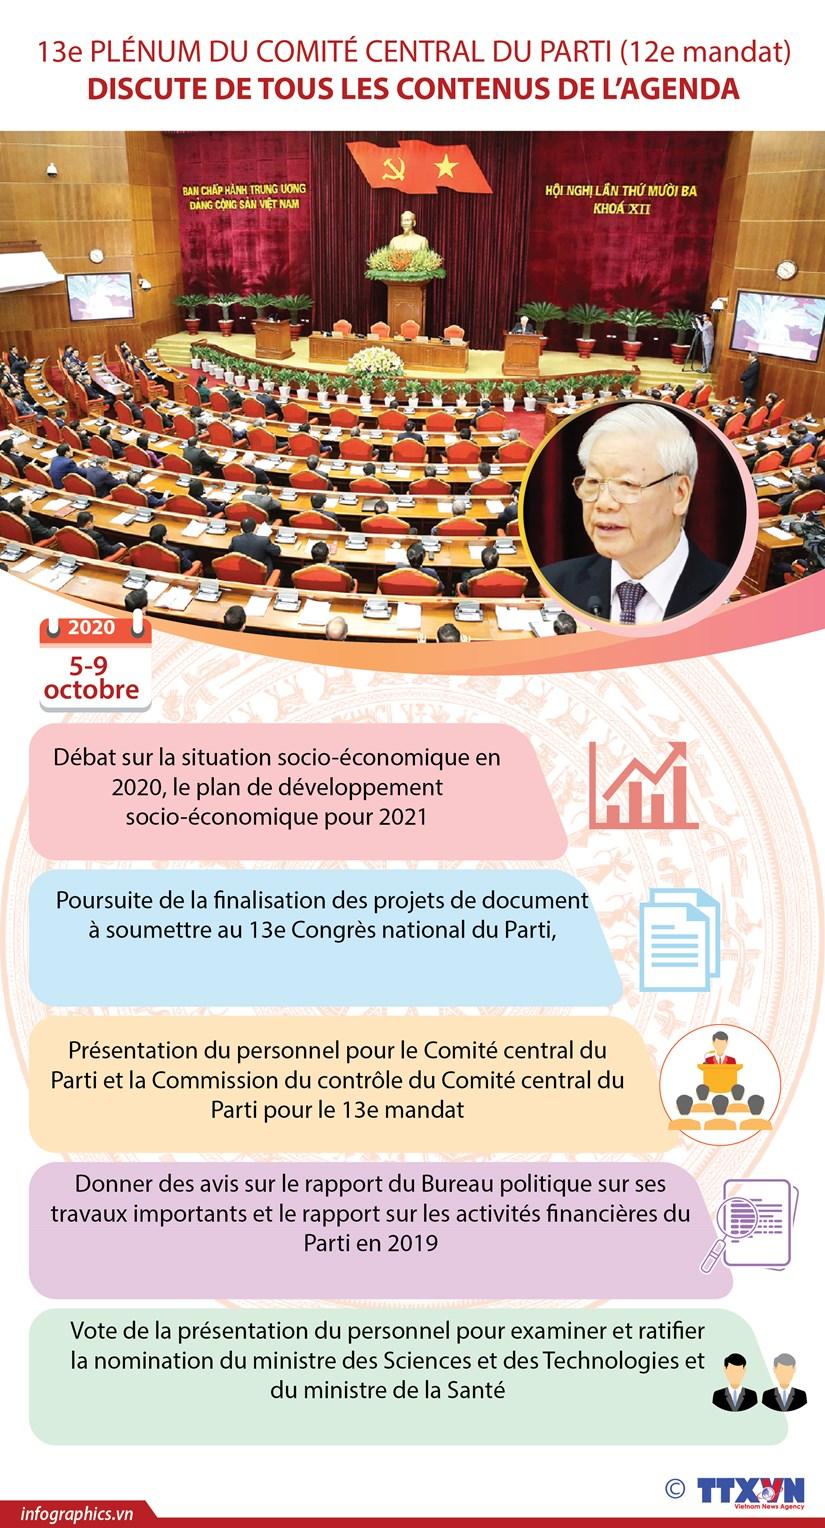 Le13e Plenum du Comite central du Parti discute de tous les contenus de l'agenda hinh anh 1